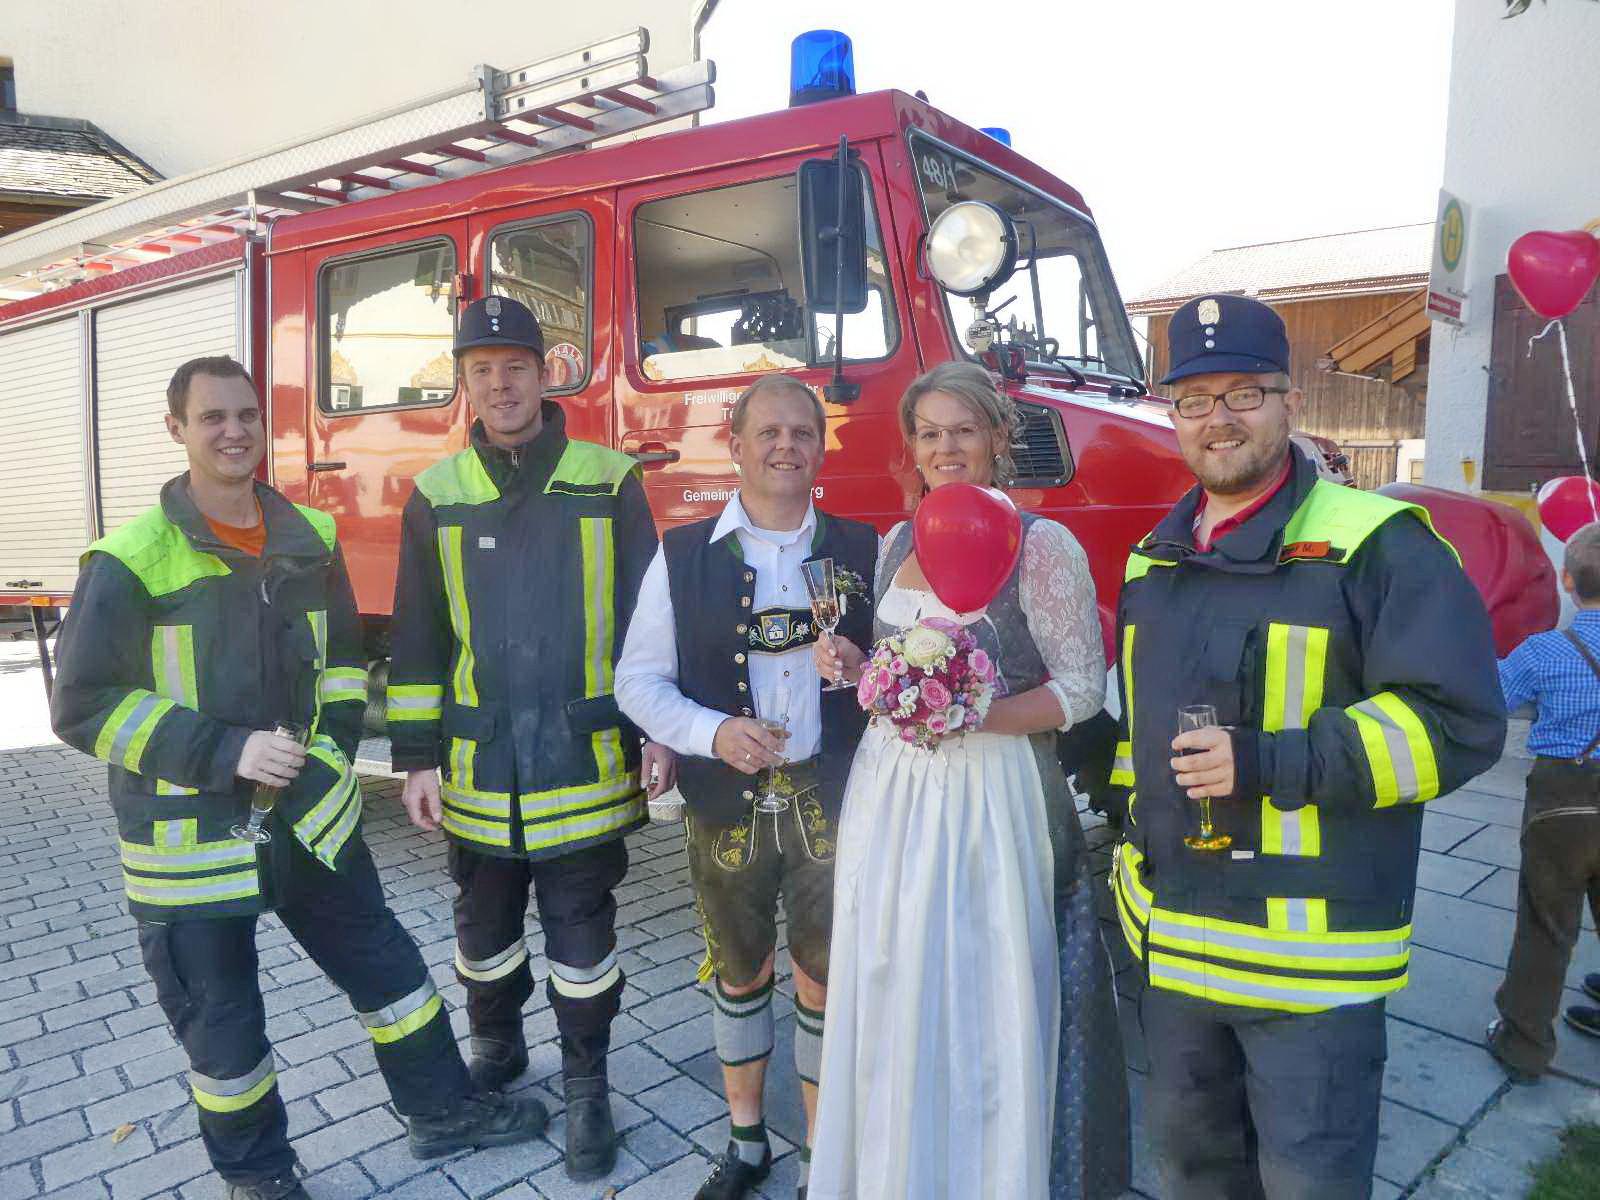 Hochzeit Feuerwehr  Feuerwehr Hochzeit in Törwang